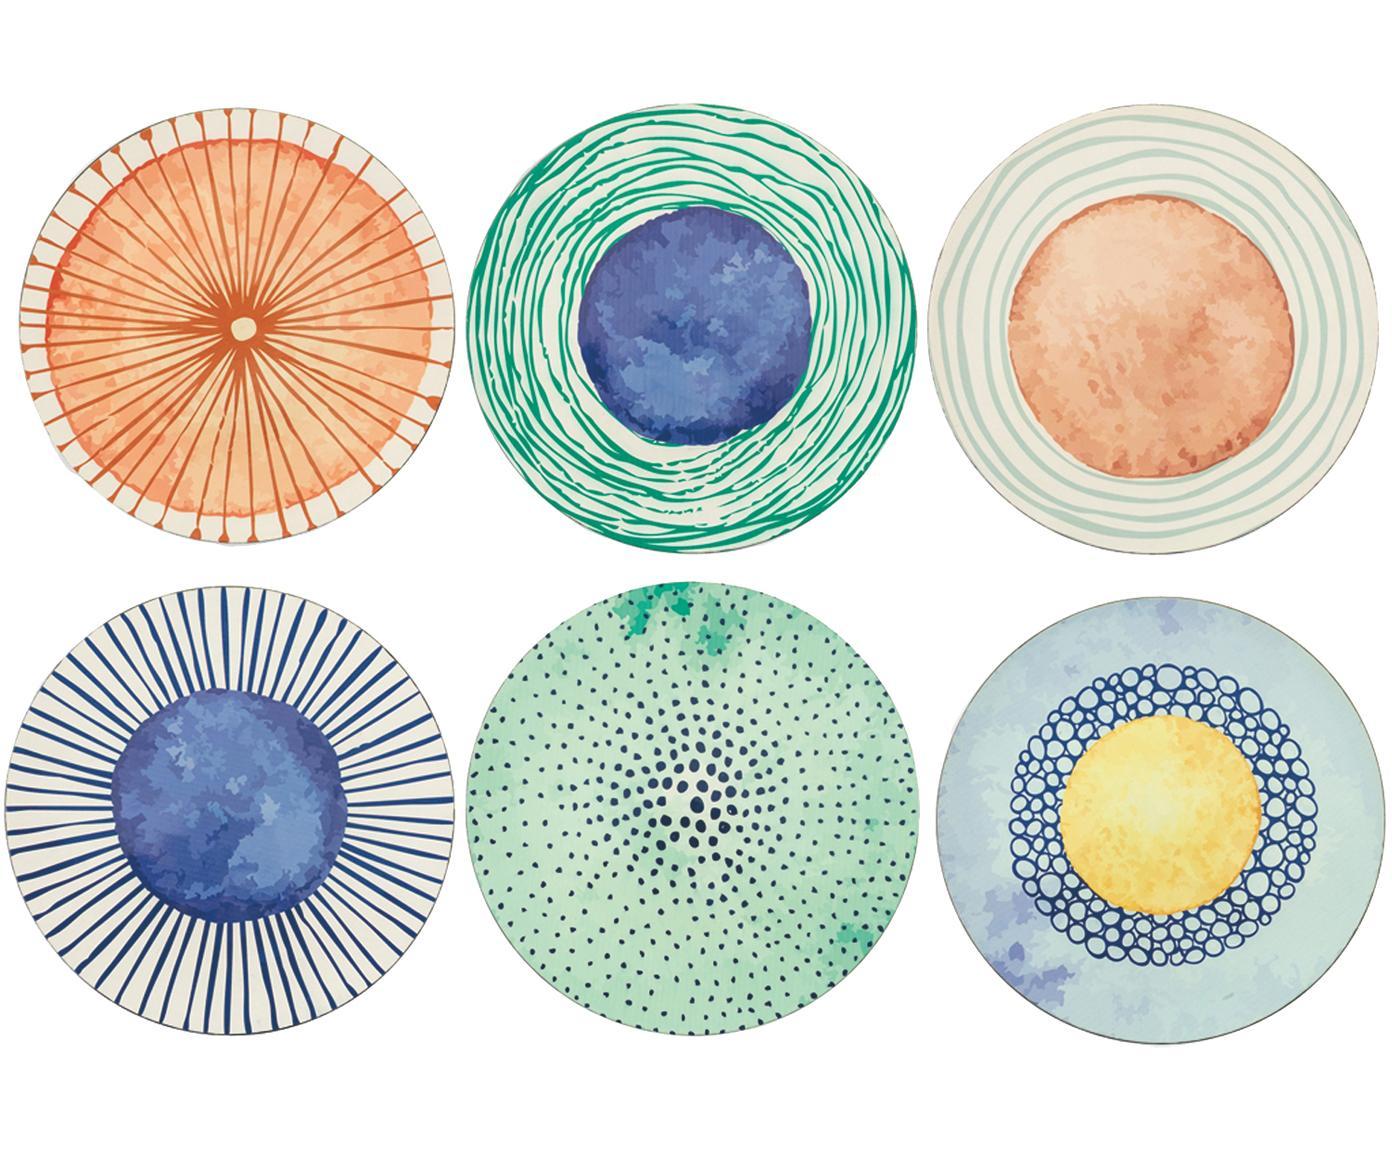 Komplet podkładek Marea, 6 elem., Tworzywo sztuczne, Niebieski, biały, żółty, zielony, pomarańczowy, Ø 33 cm